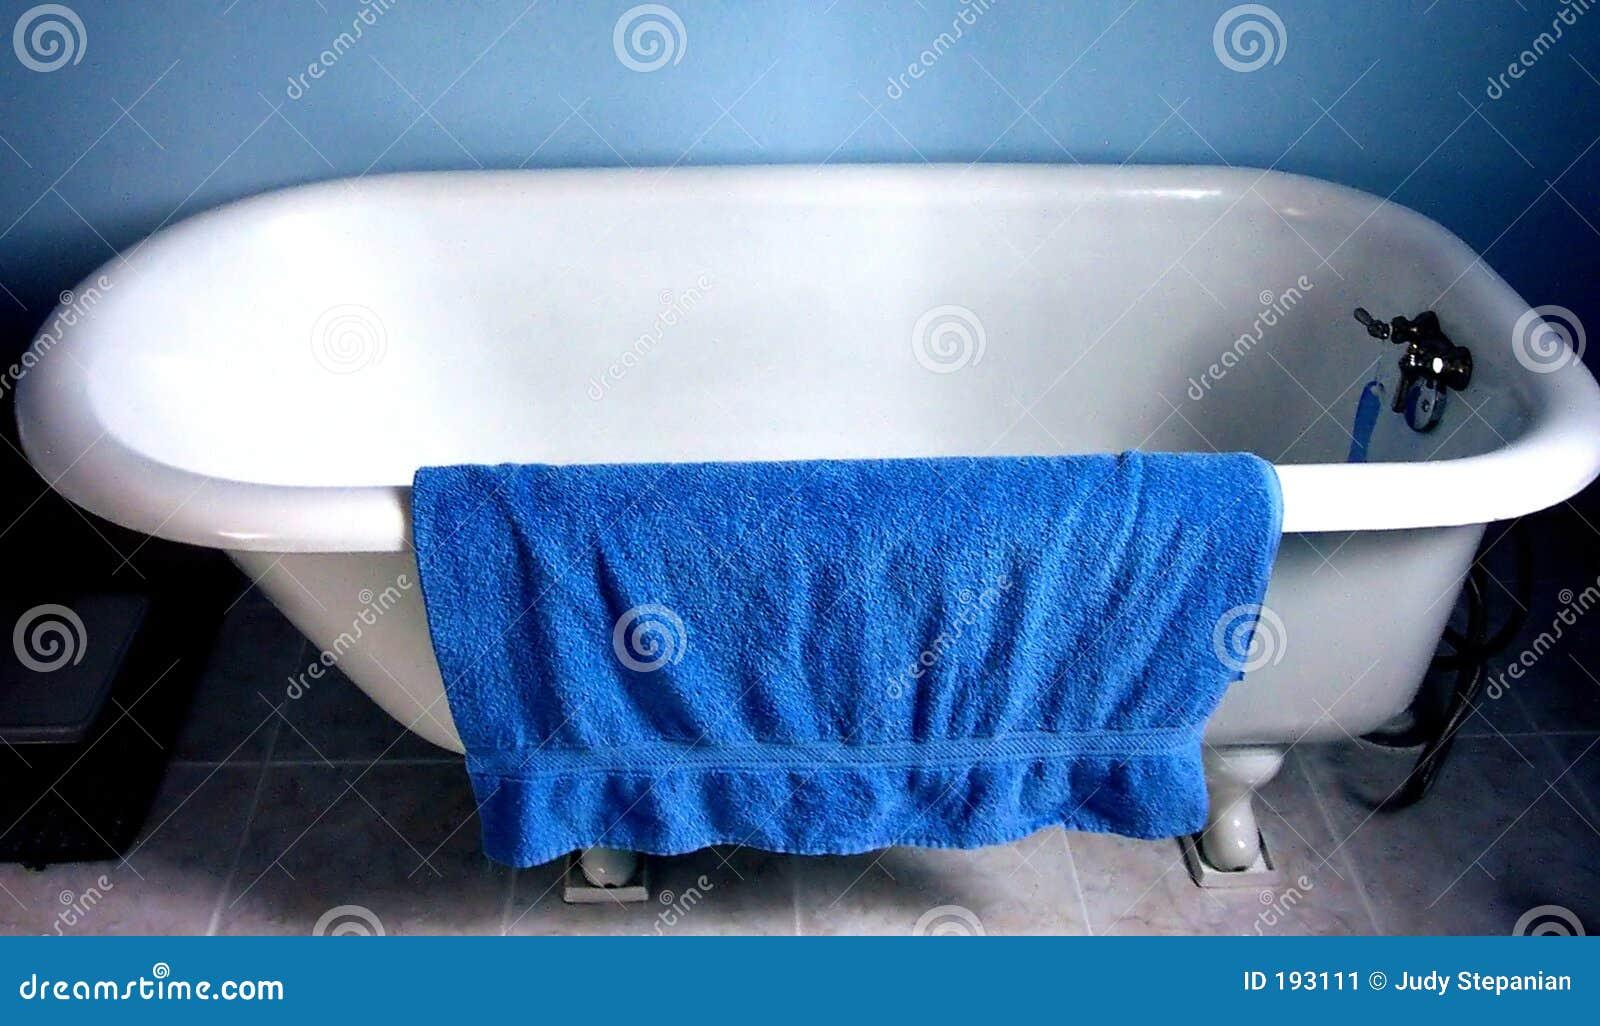 Essuie-main bleu